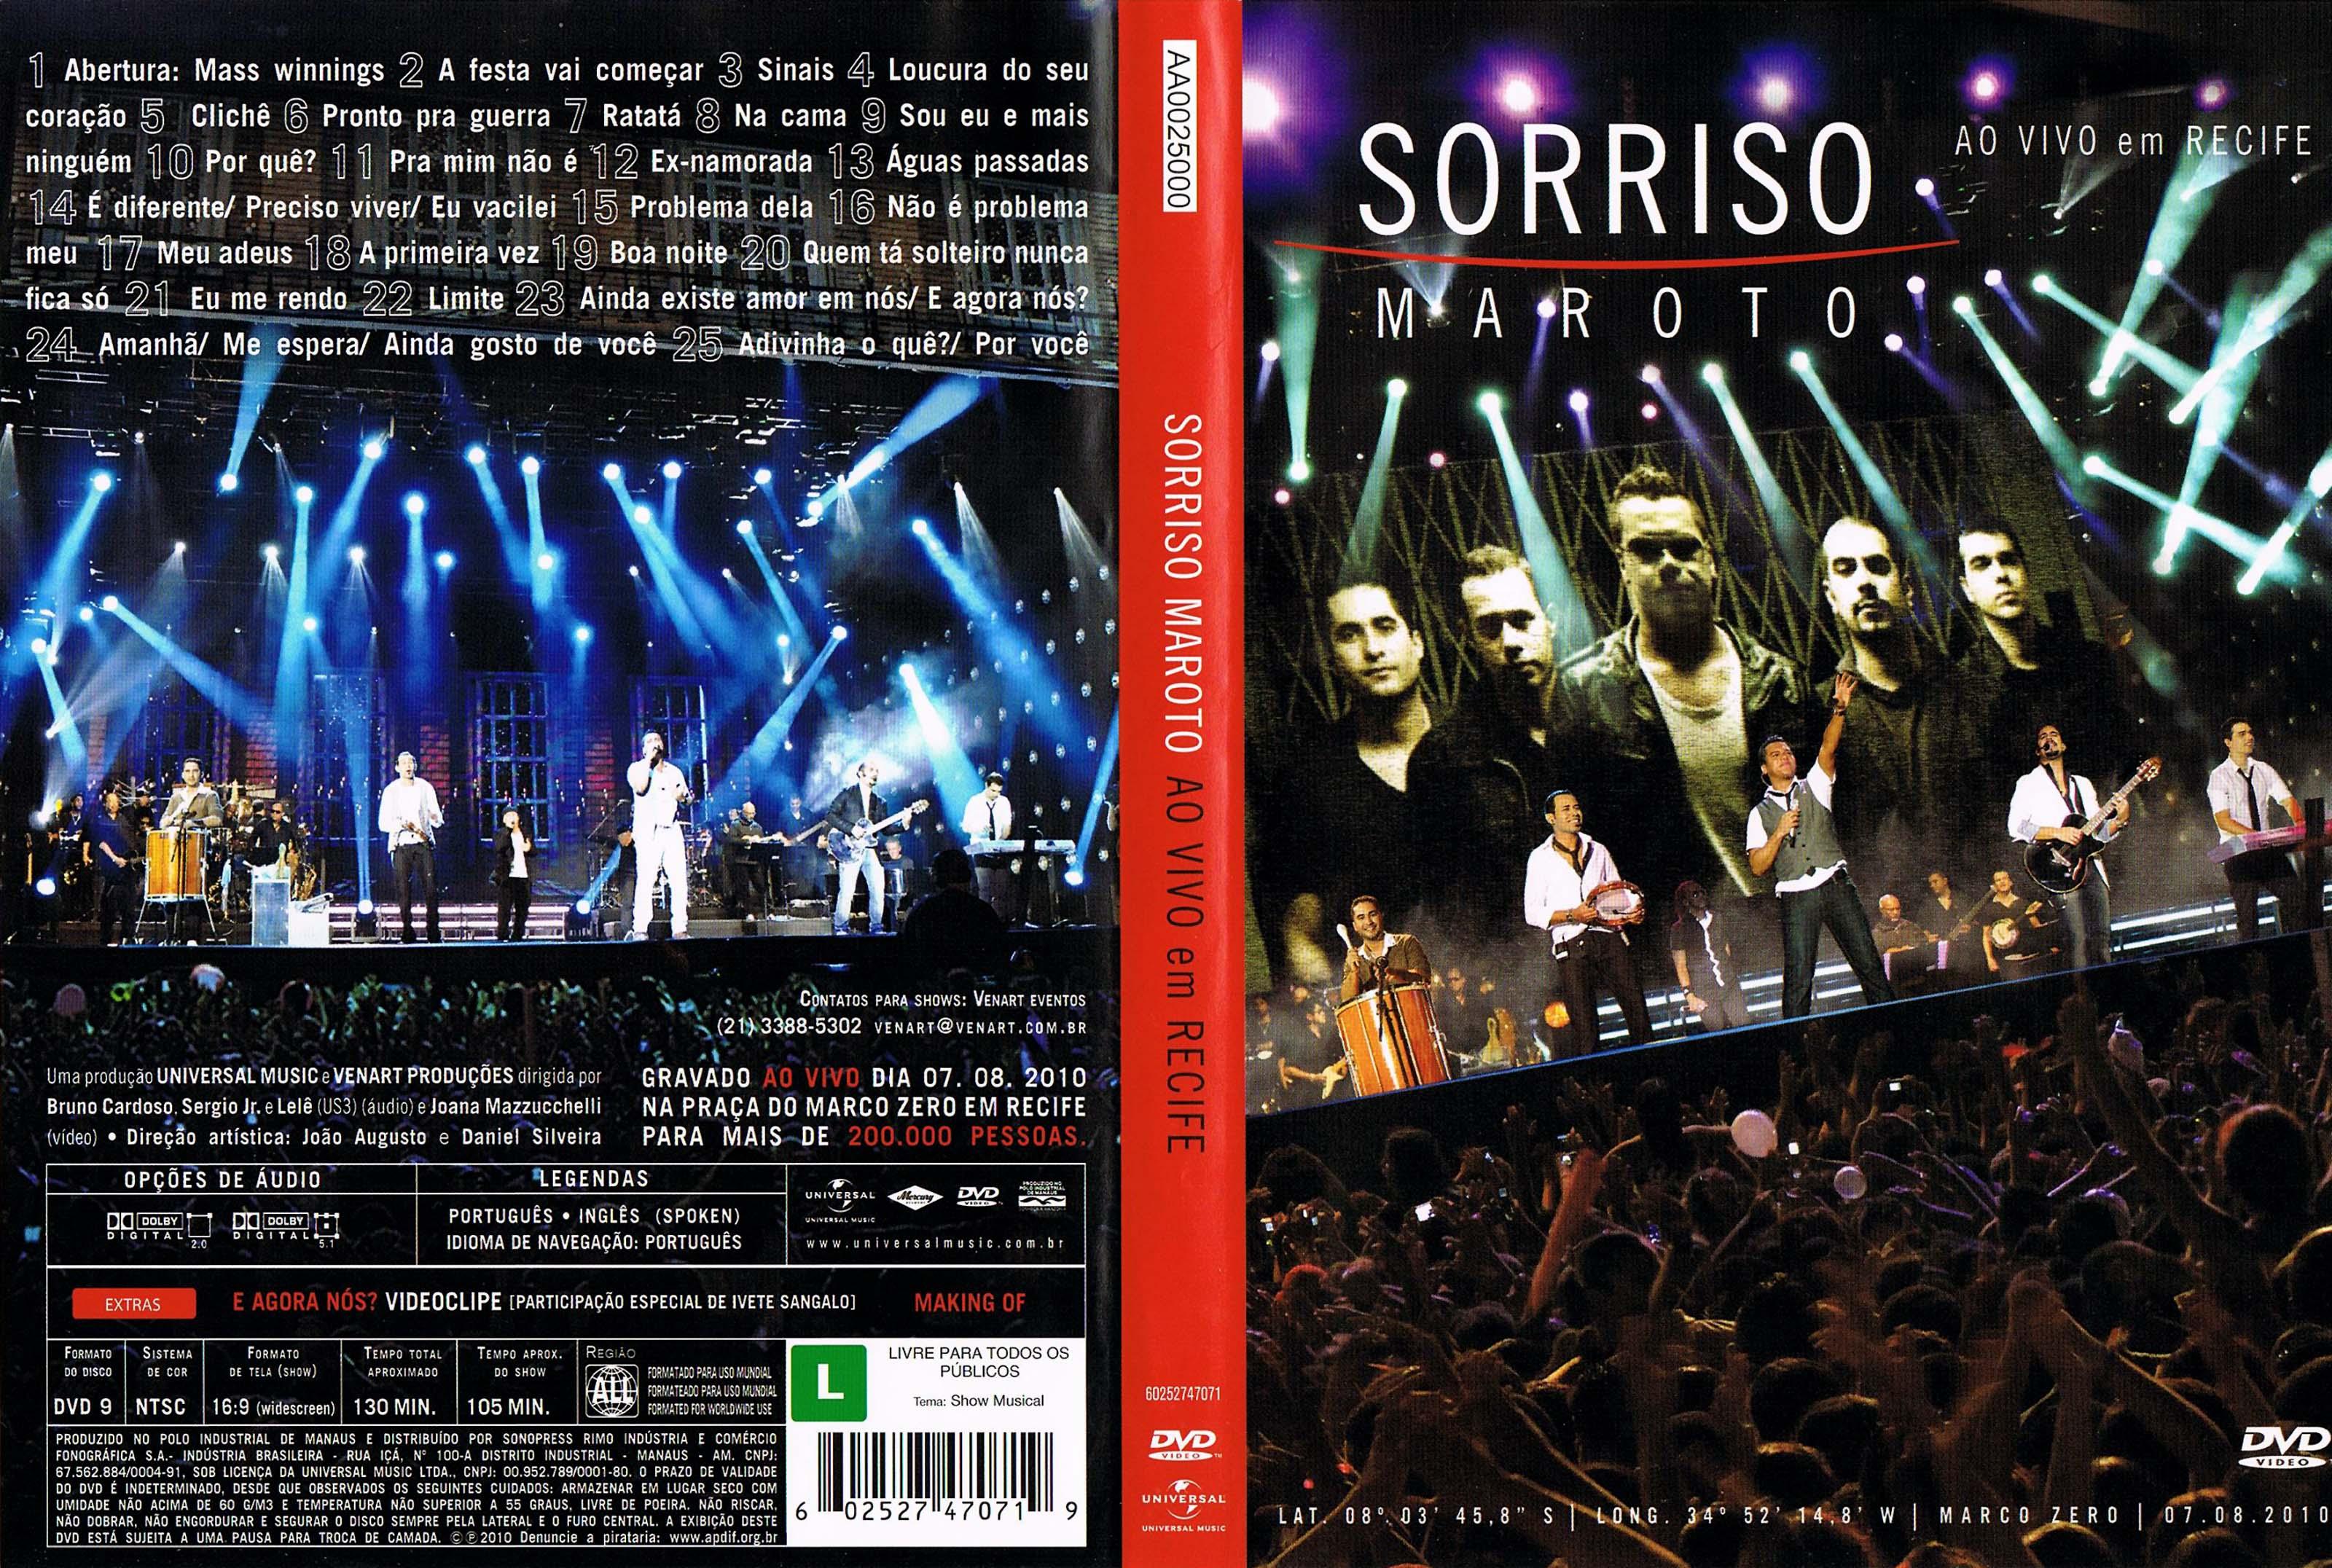 o dvd do sorriso maroto 2012 gratis